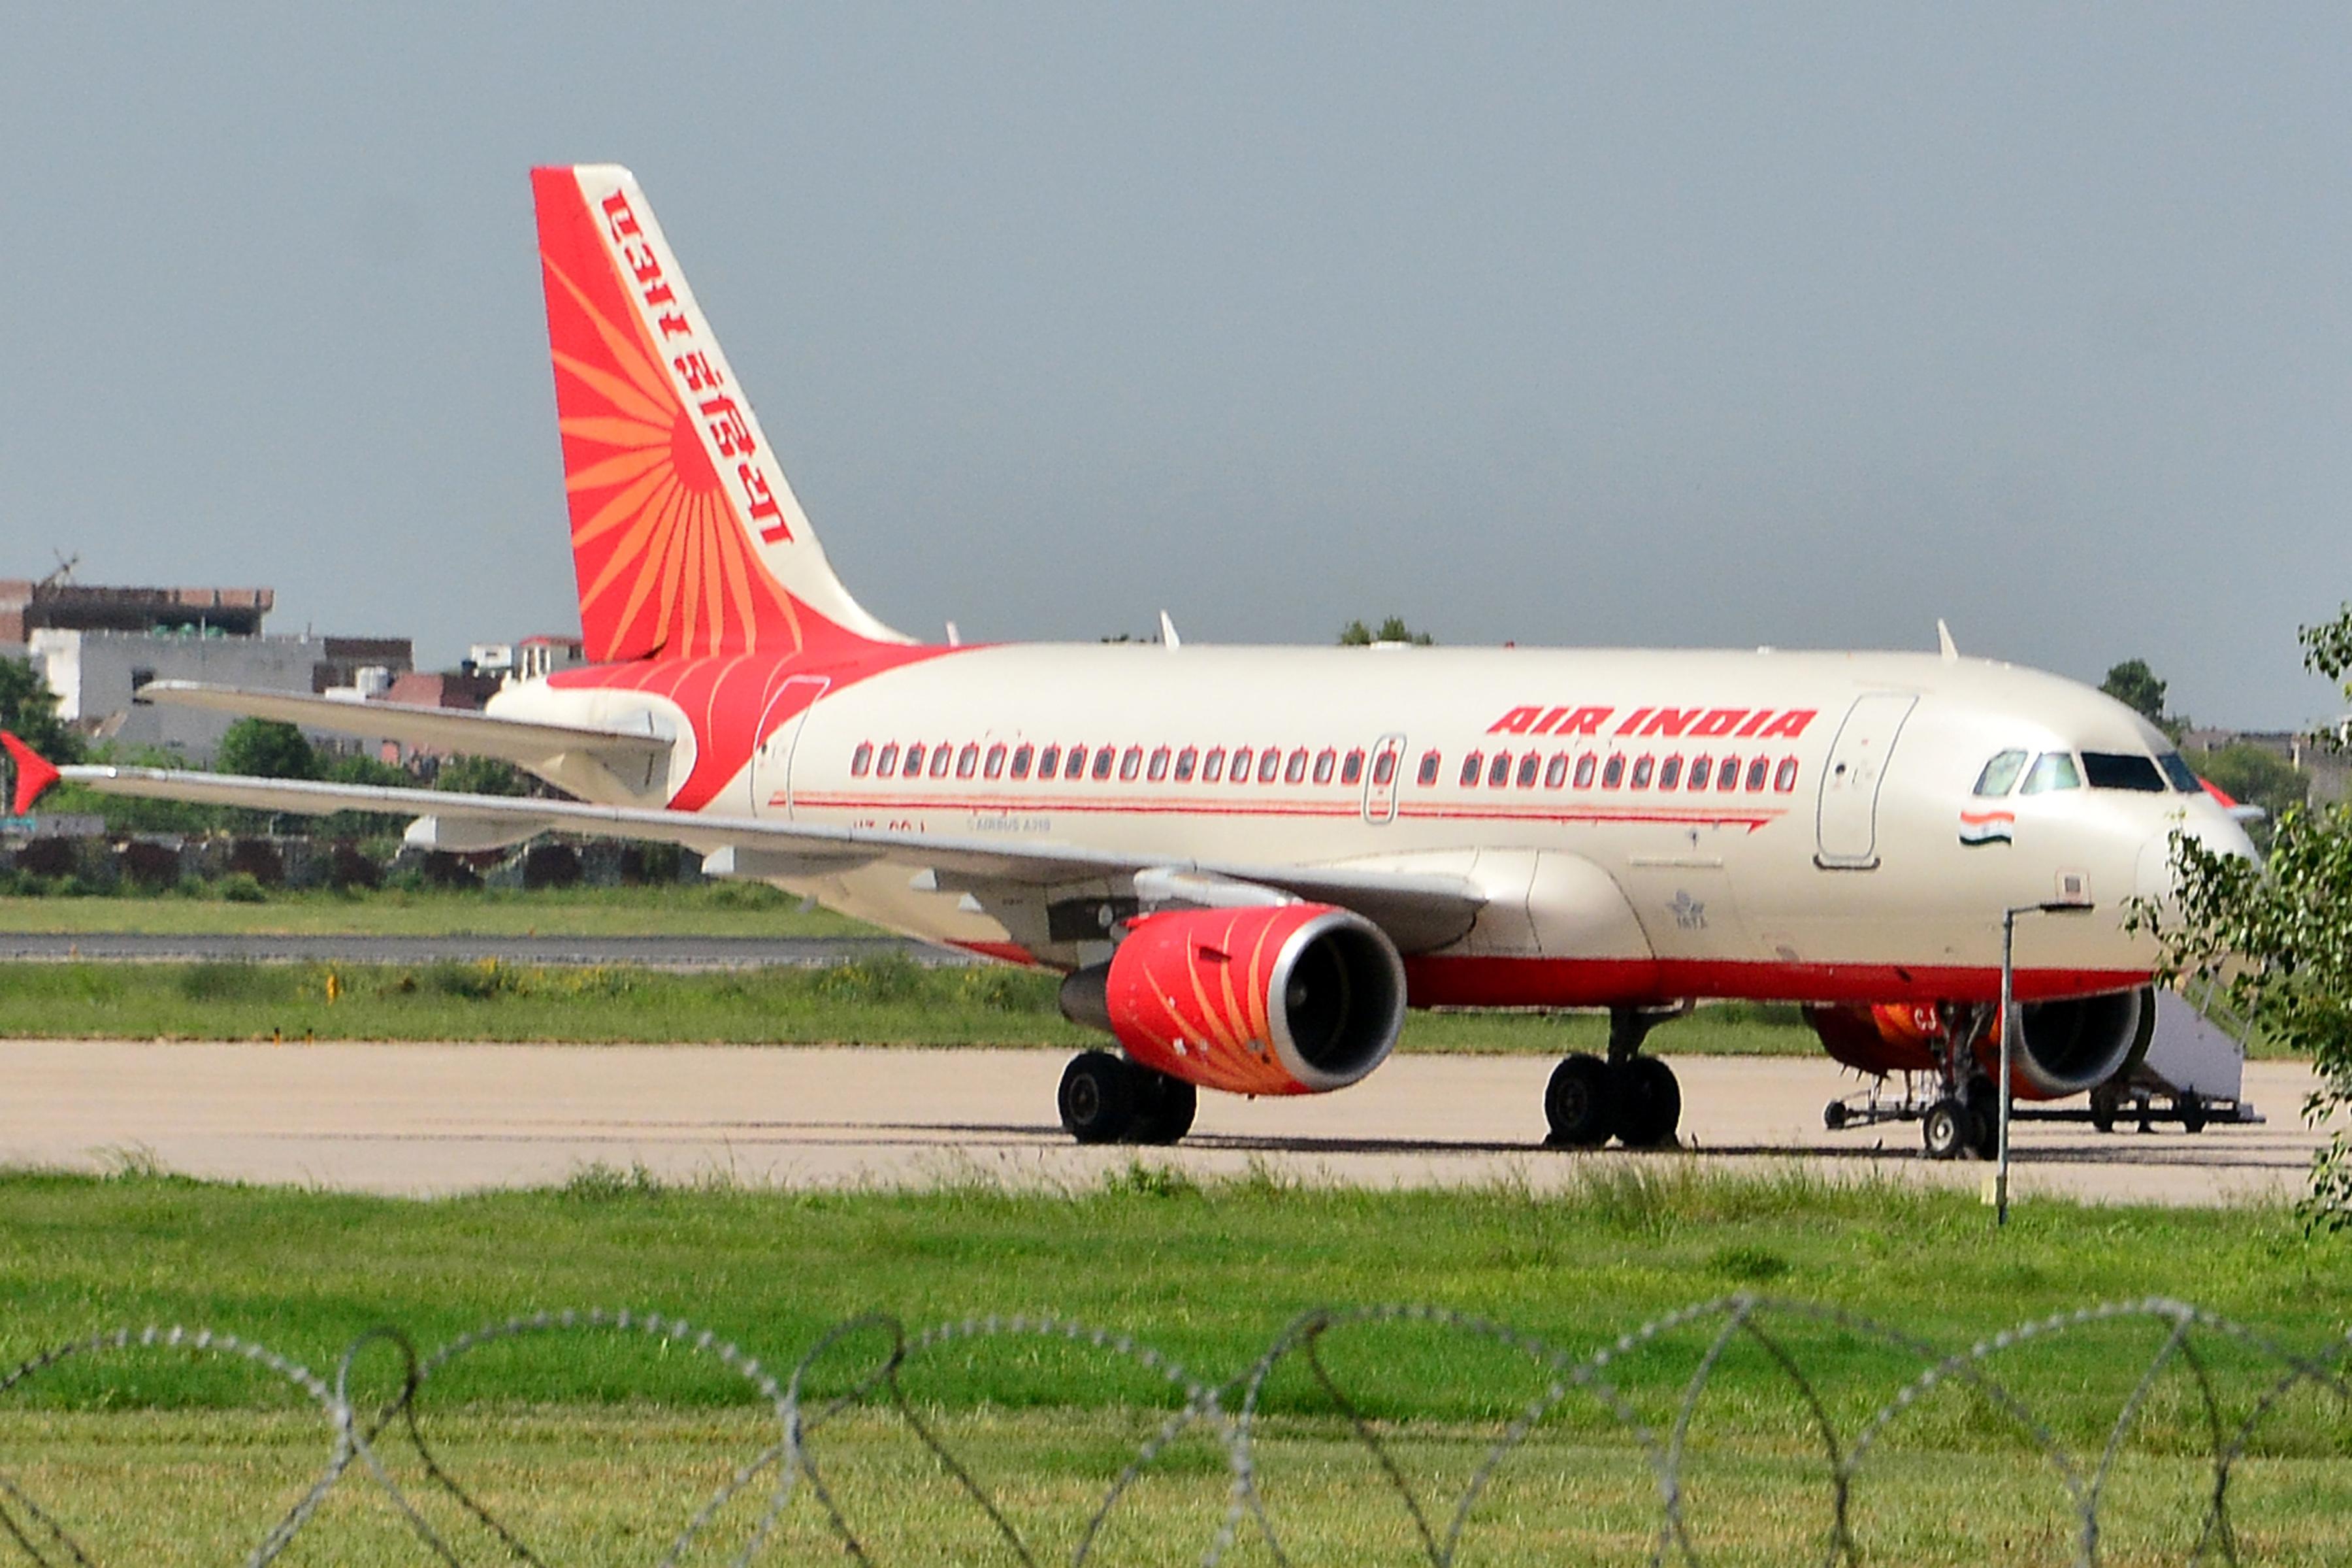 Air india flight from dubai to india